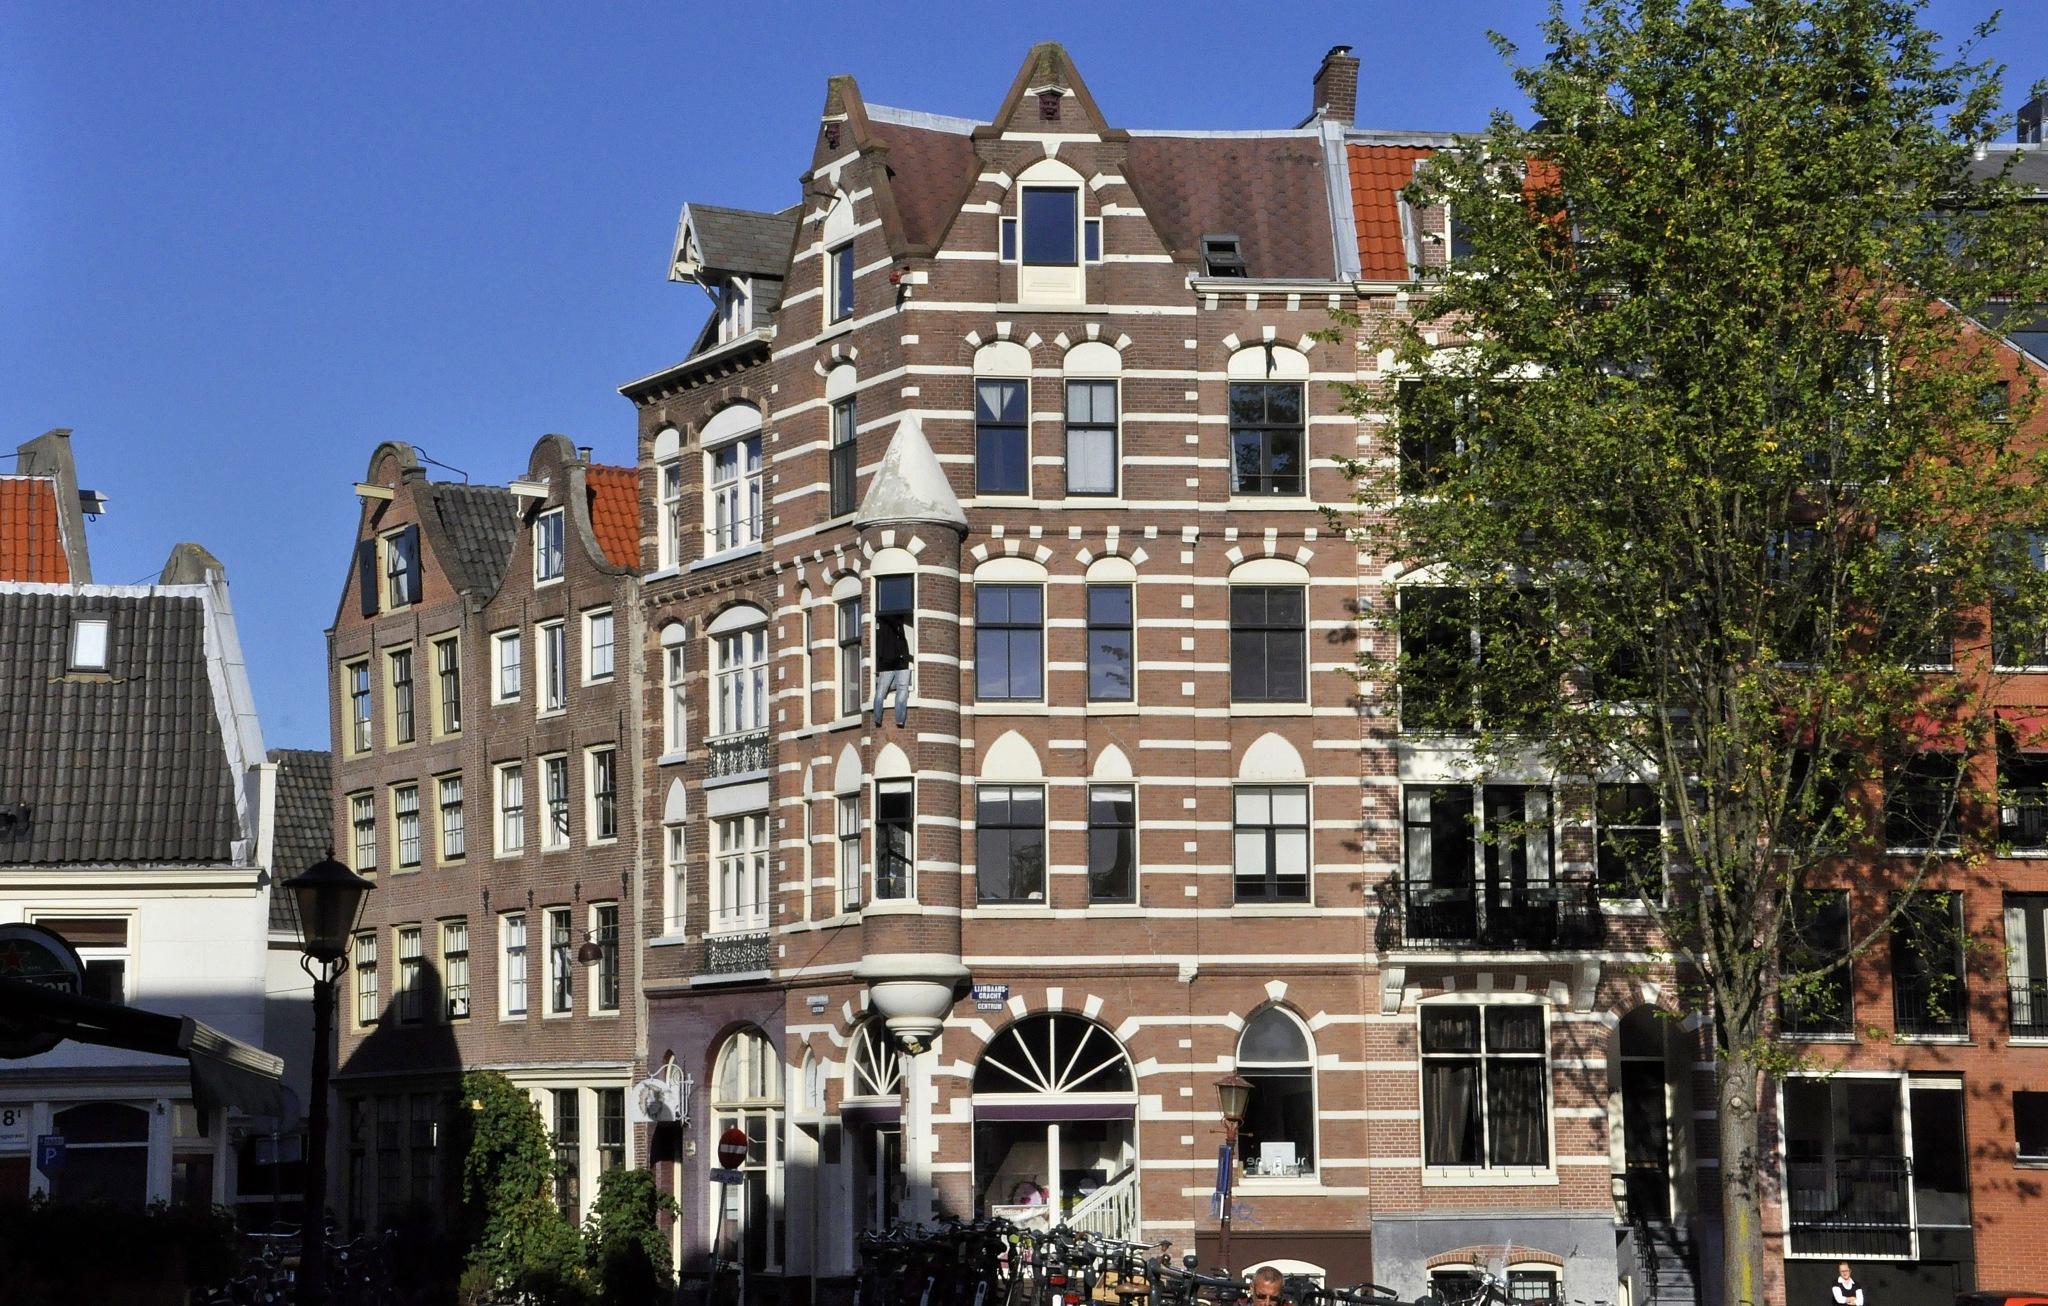 Amsterdam by Jacob van der Veen